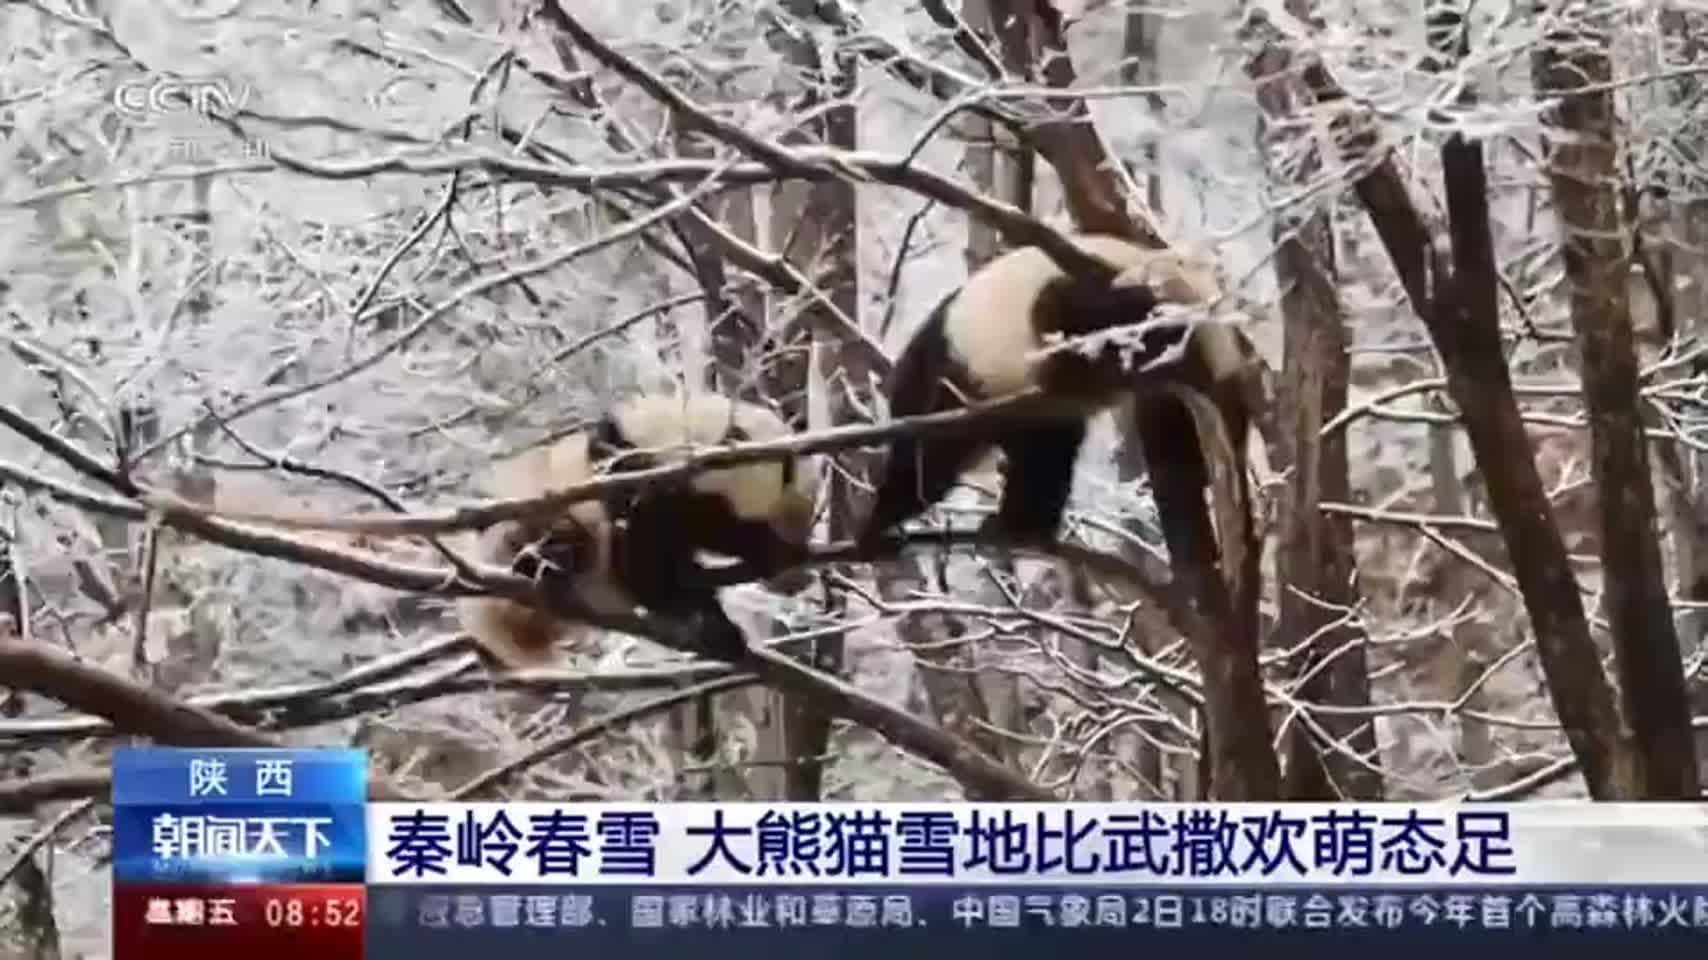 秦岭看雪 大熊猫雪地比武撒欢萌态足